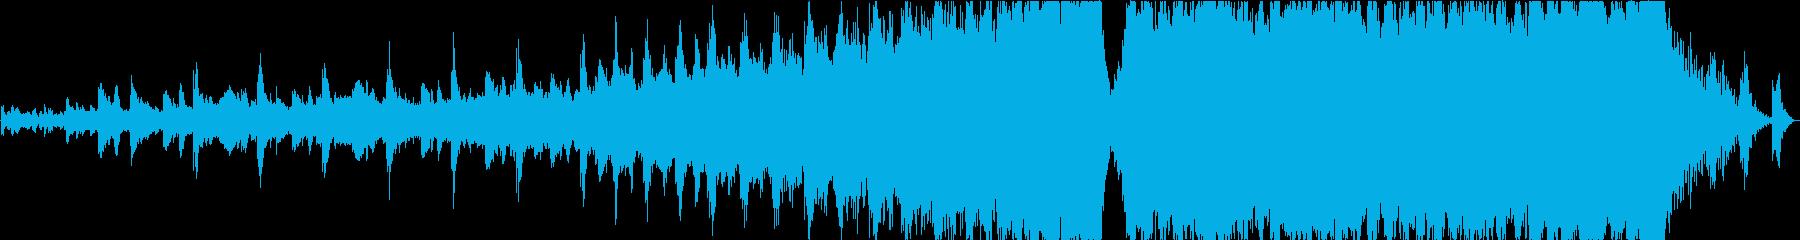 非常にソフトなダイナミクスからエキ...の再生済みの波形